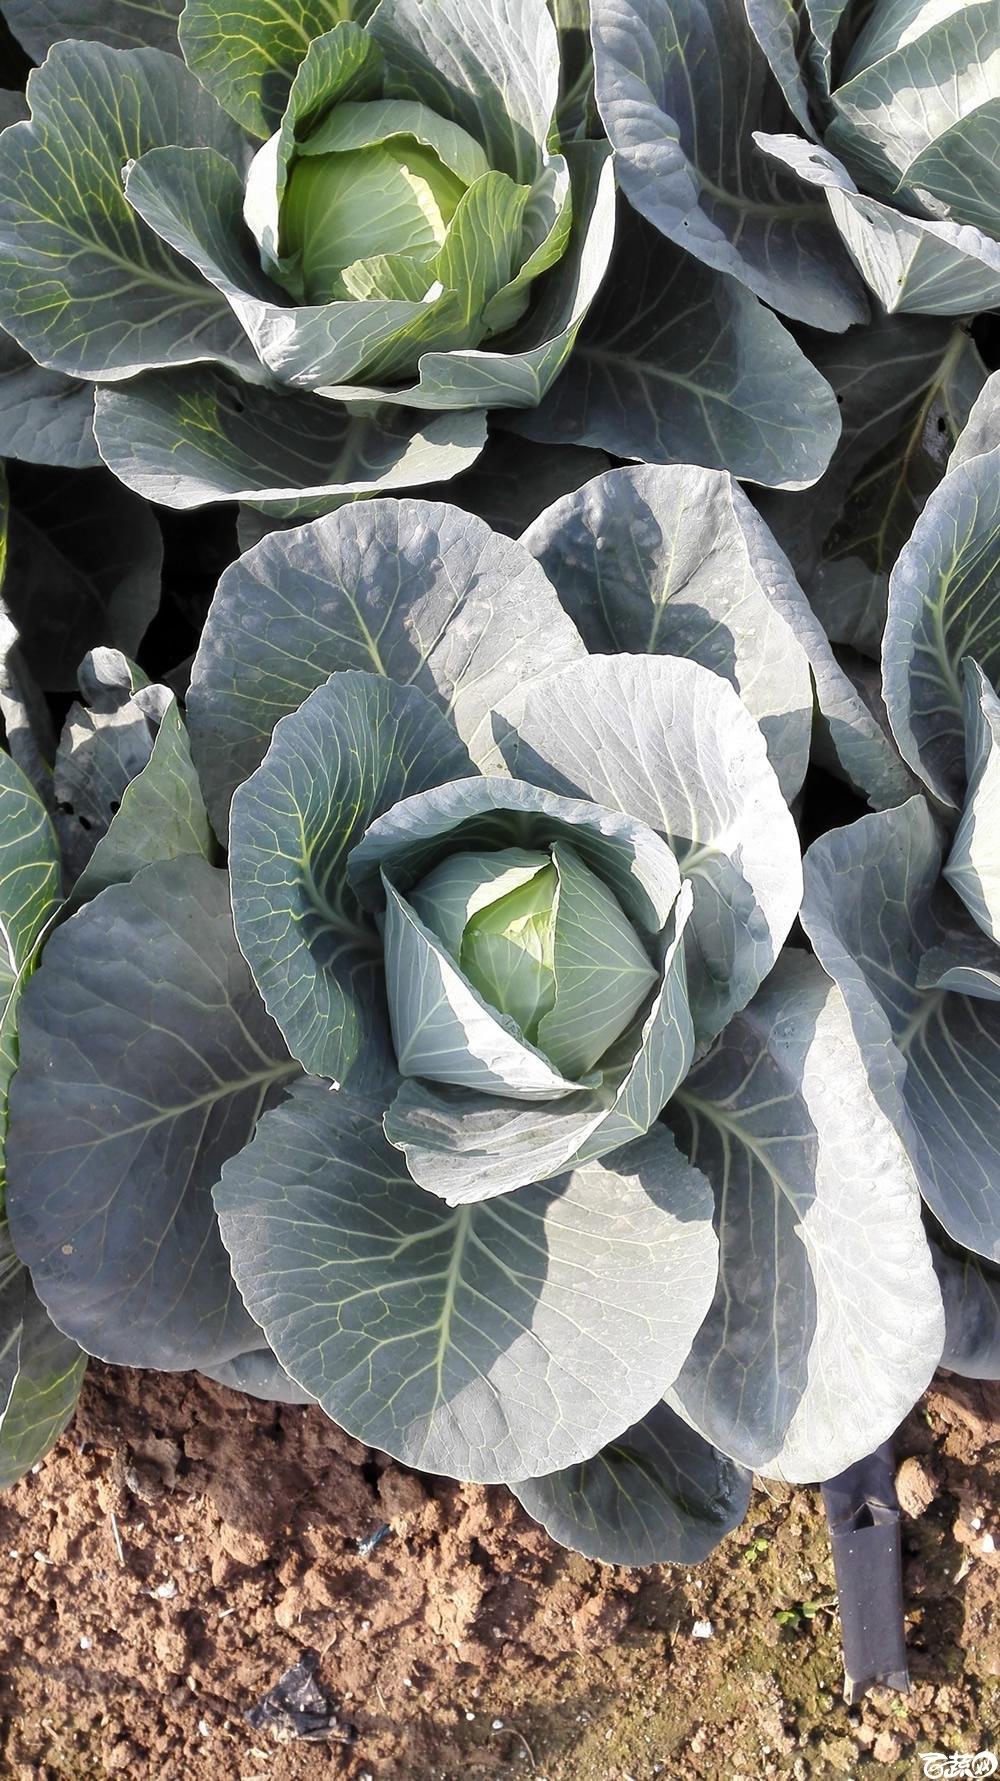 2014年12月10号广州市农科院南沙秋季蔬菜新品种展示会 甘蓝_112.jpg